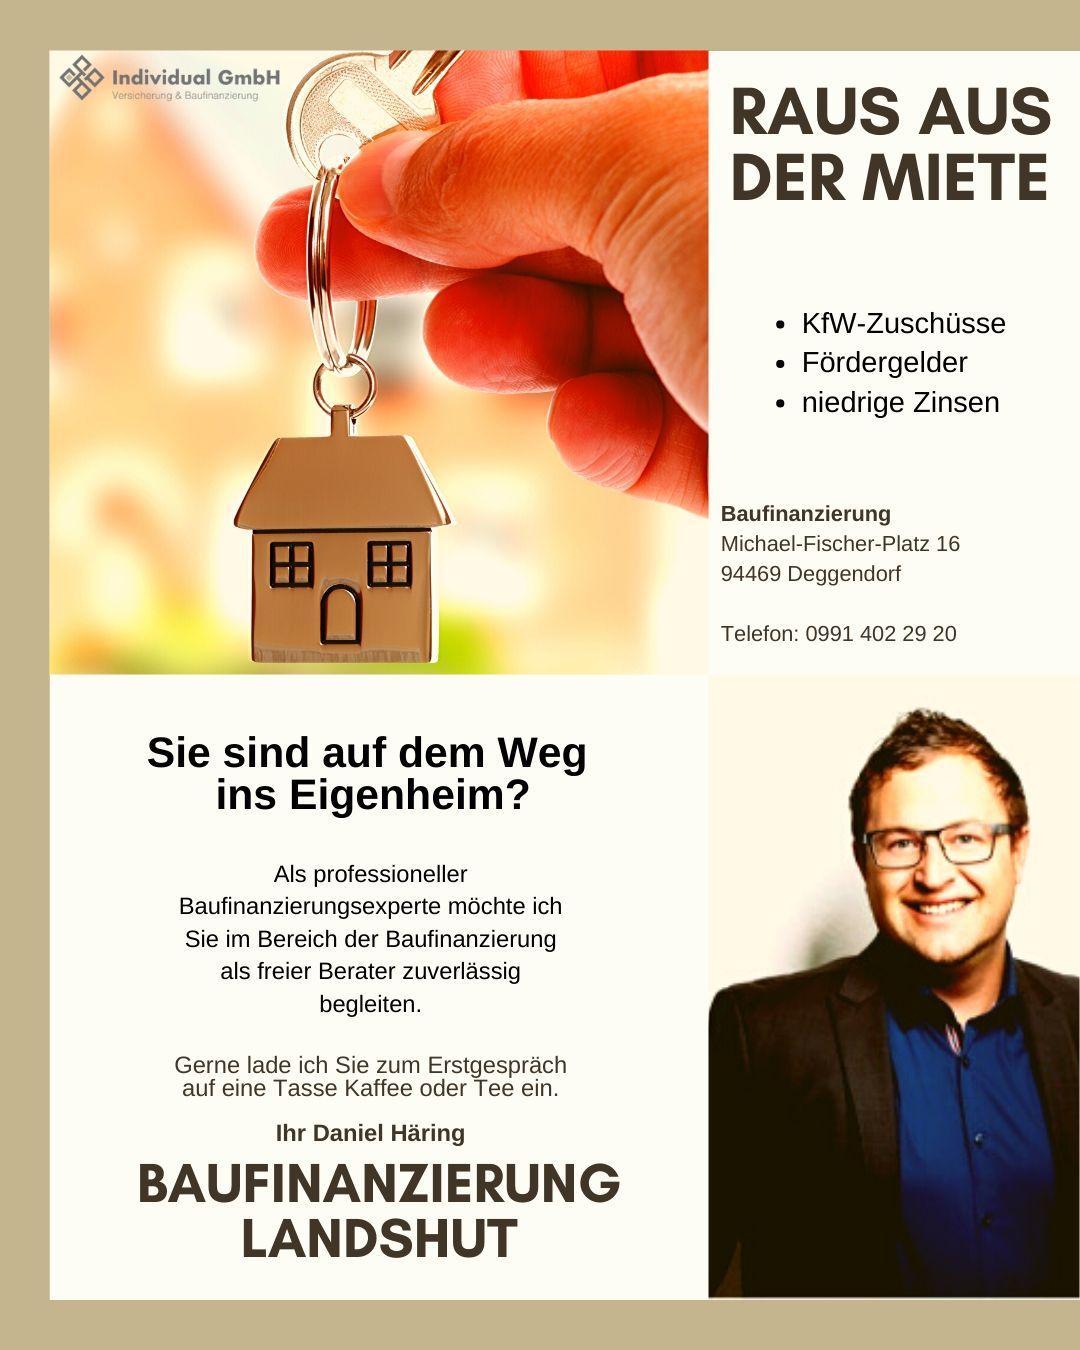 Baufinanzierung Landshut - Daniel Häring - Raus aus der Miete